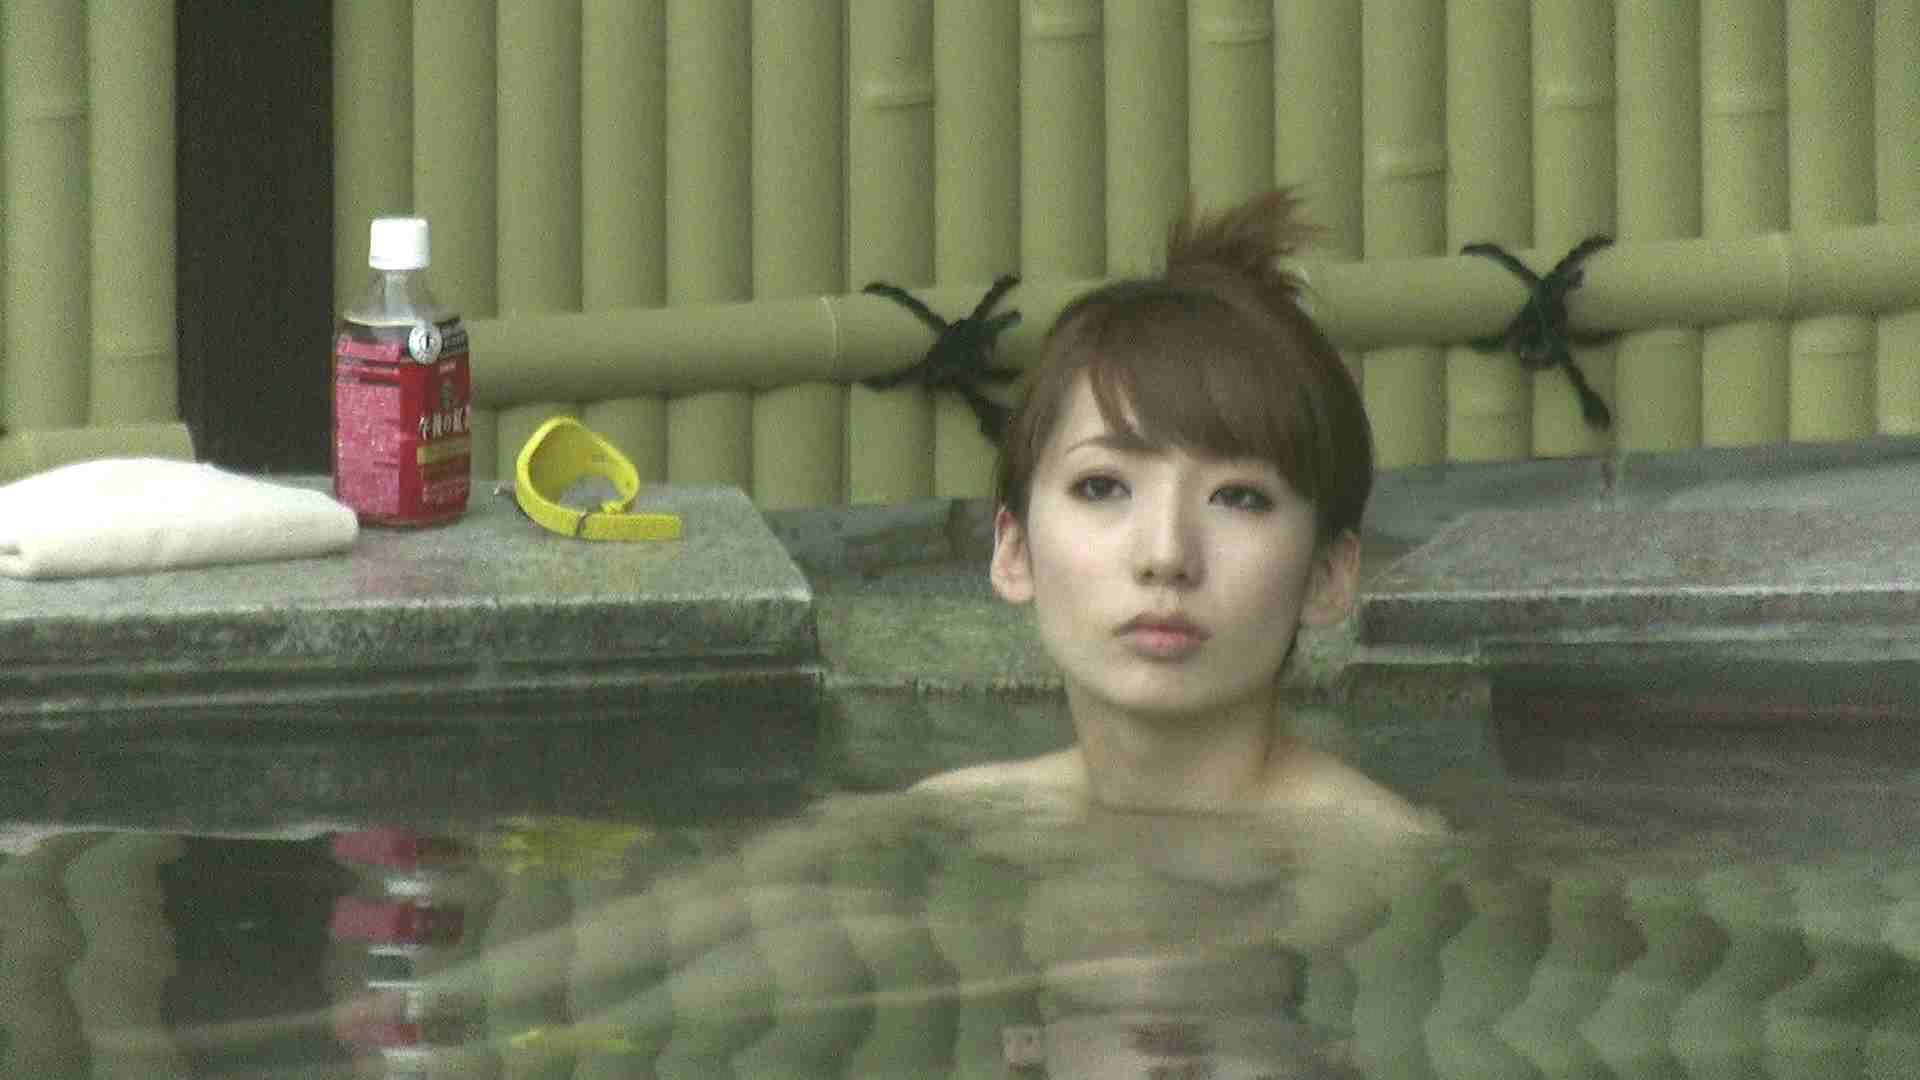 Aquaな露天風呂Vol.208 OLのエロ生活 ワレメ無修正動画無料 54連発 17